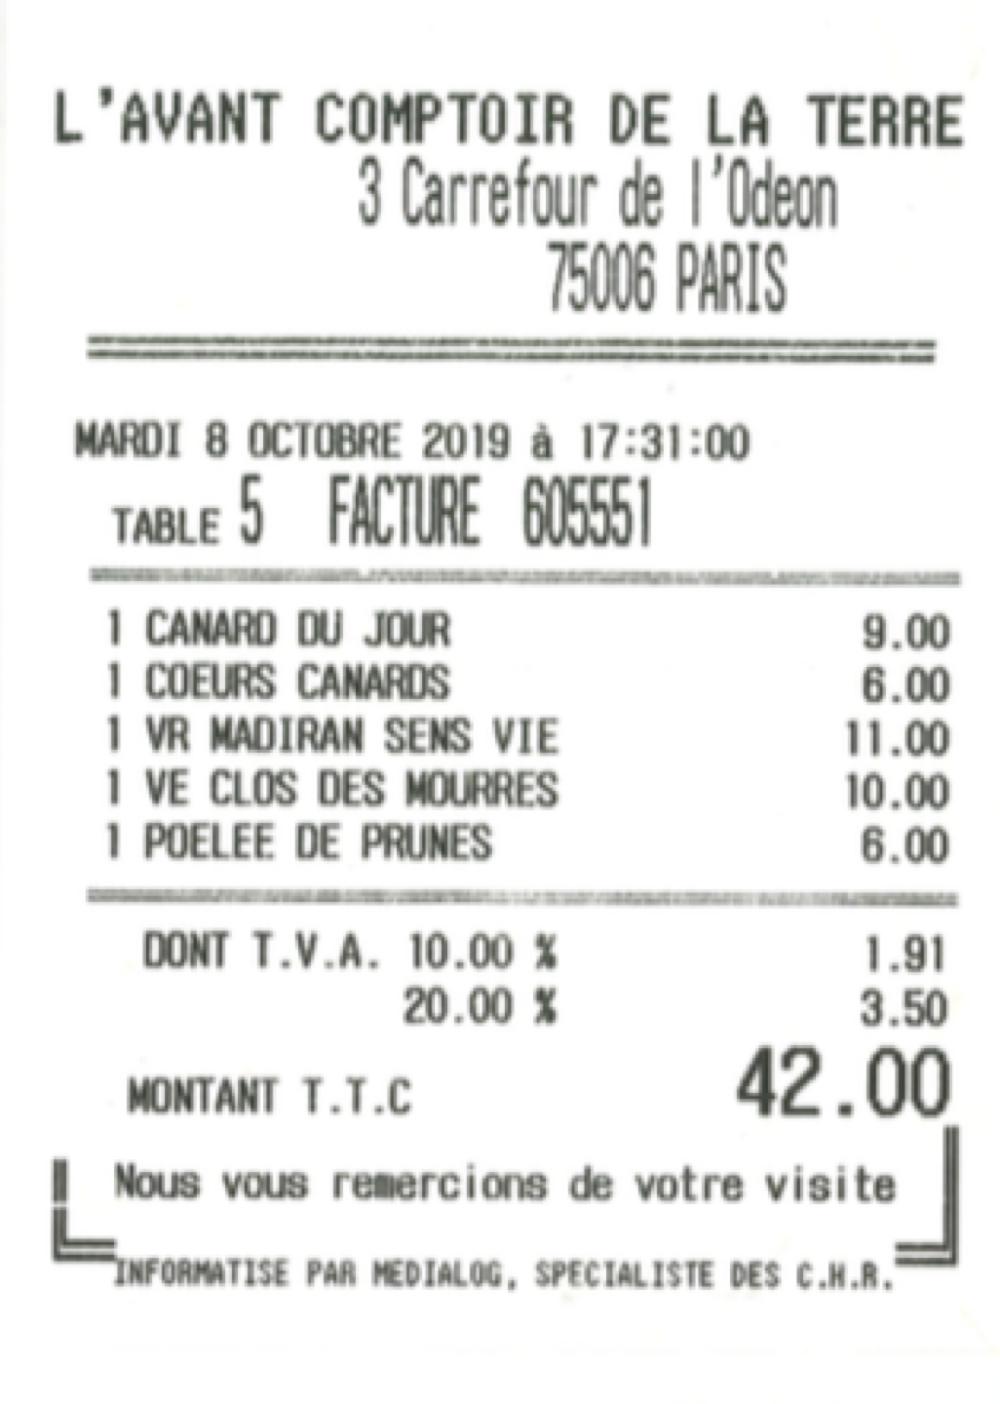 18_53_32_814_75006_L_Avant_Comptoir_de_la_Terre.png